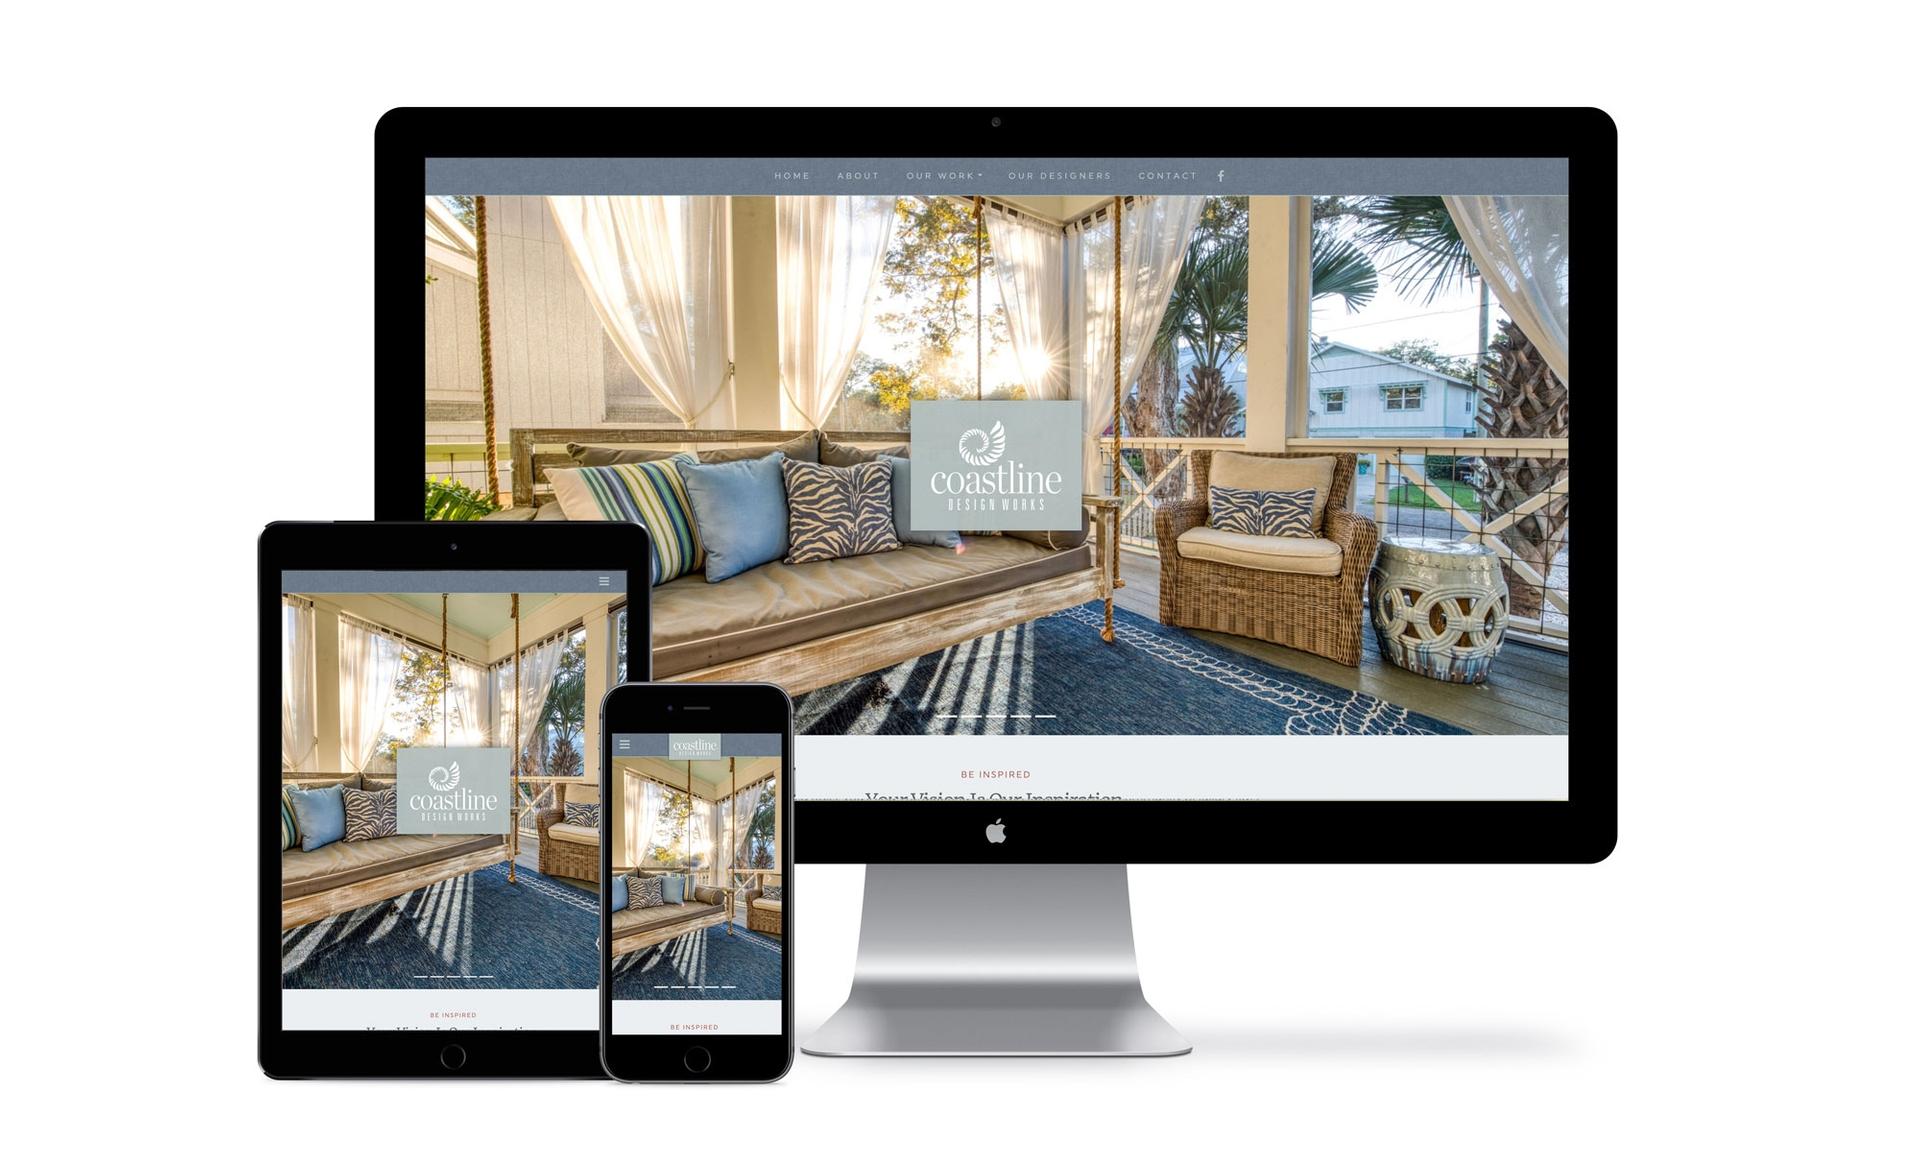 Coastline Design Works Website